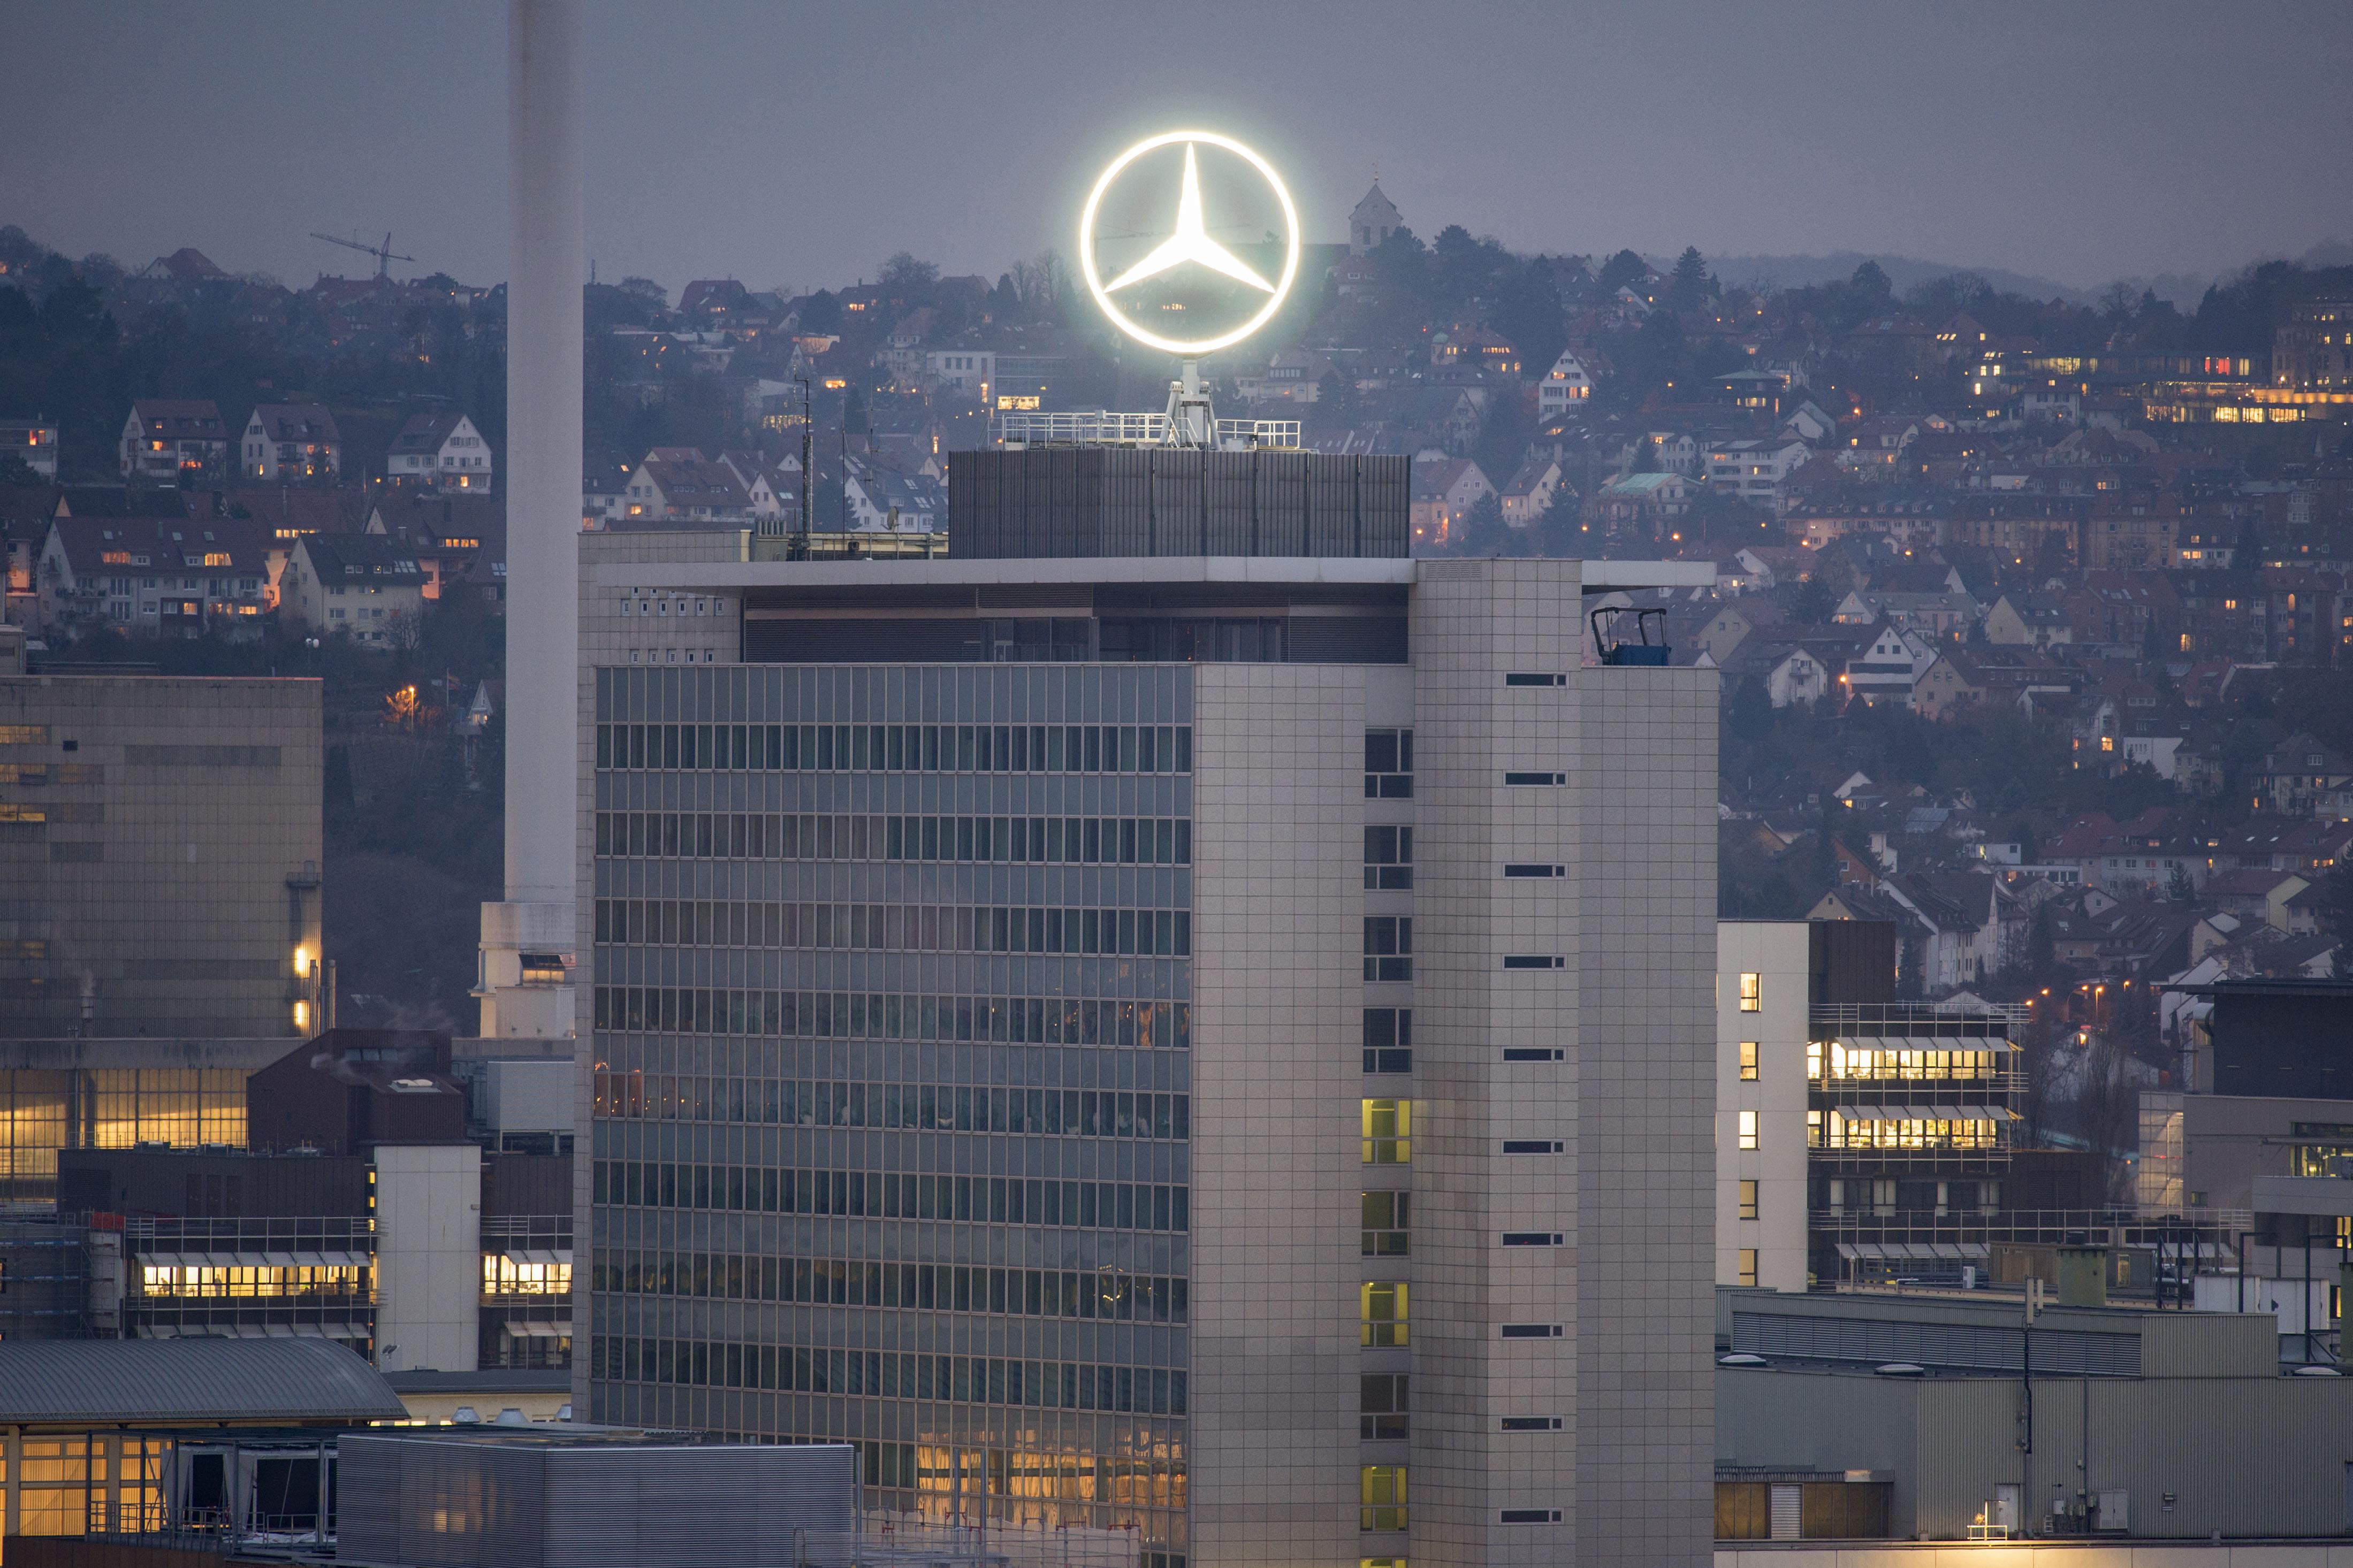 Több ezer programozóval gyorsítaná fel az elektromos autók fejlesztését a Daimler